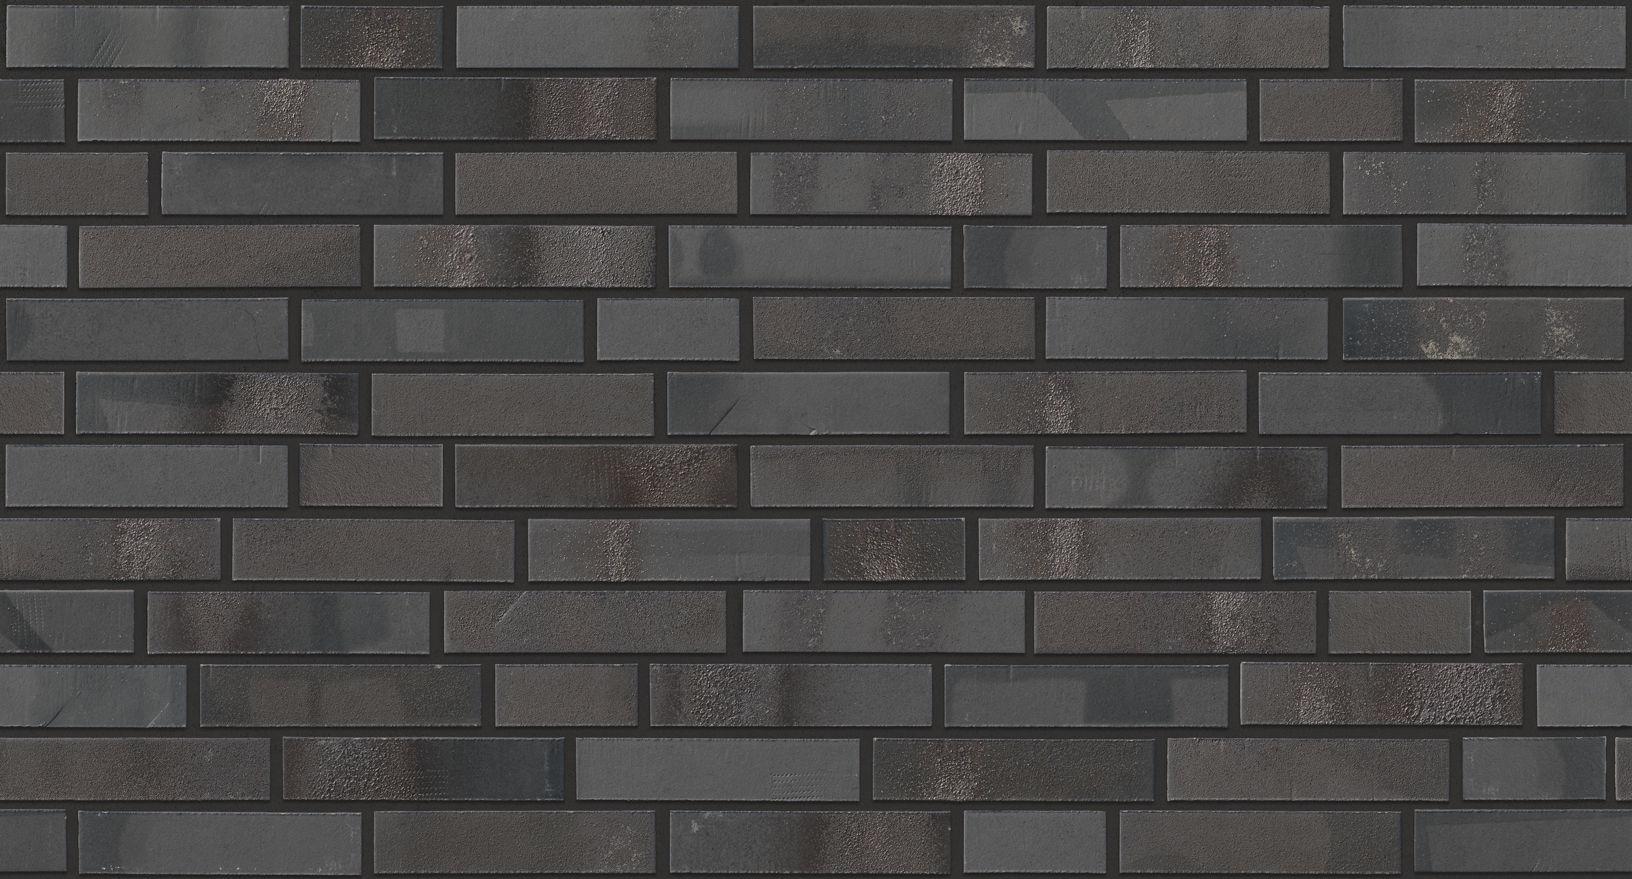 Brickwerk eisenschwarz DF